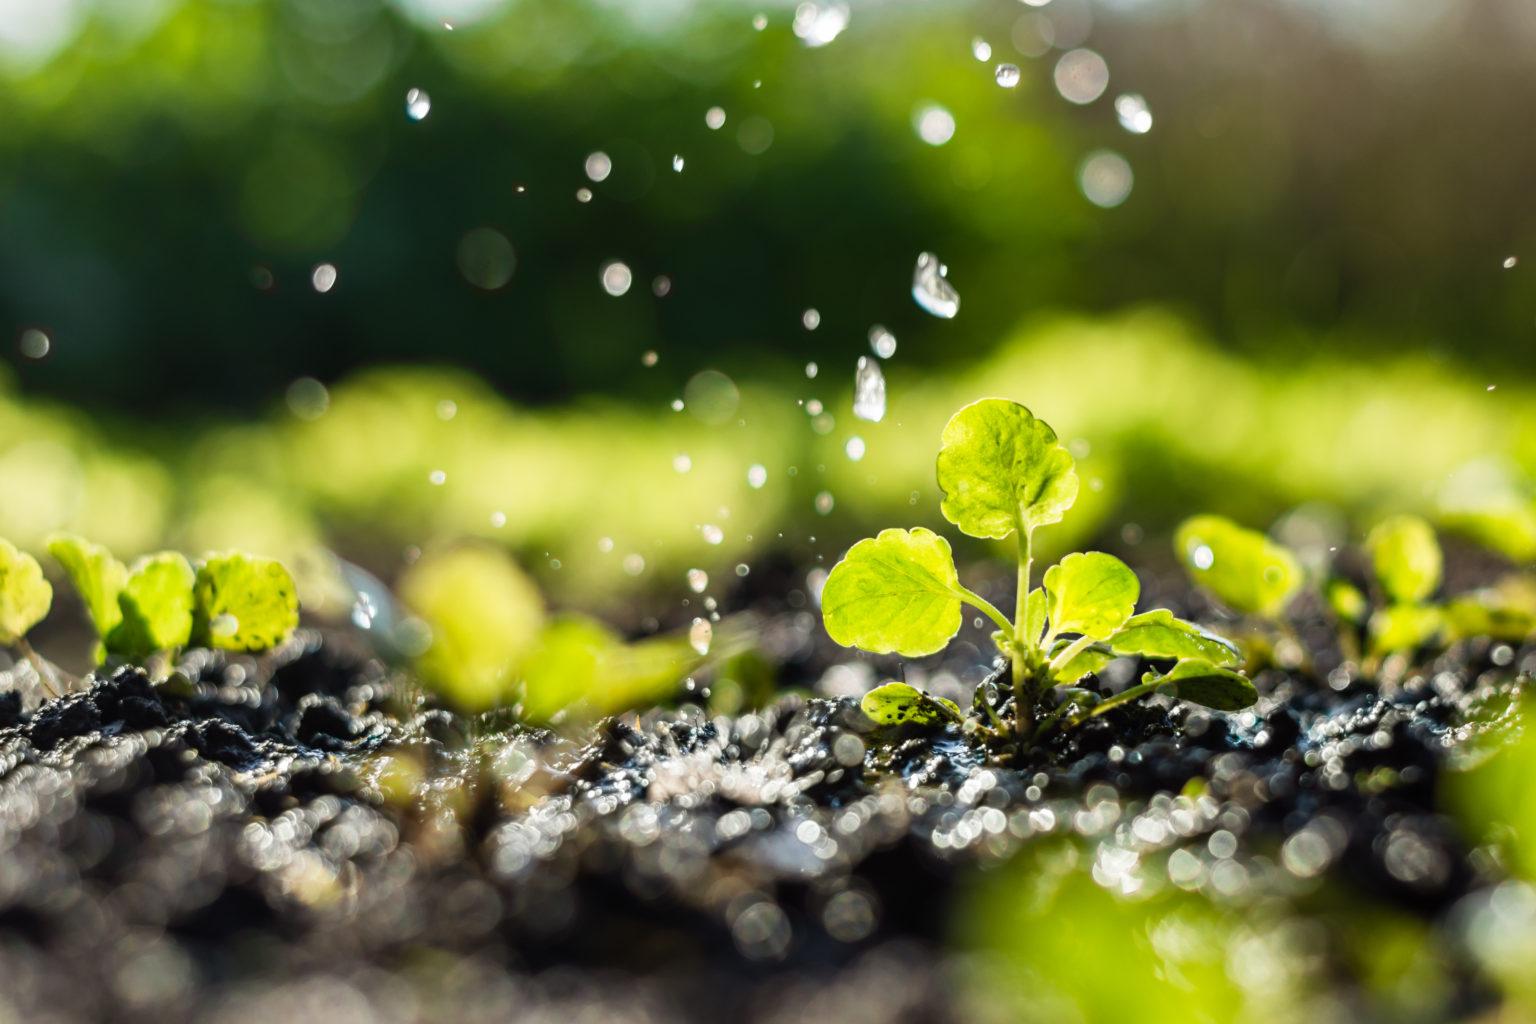 irrigation canberra, drip irrigation, garden irrigation systems canberra, home irrigation system, irrigation plumbing, residential irrigation system